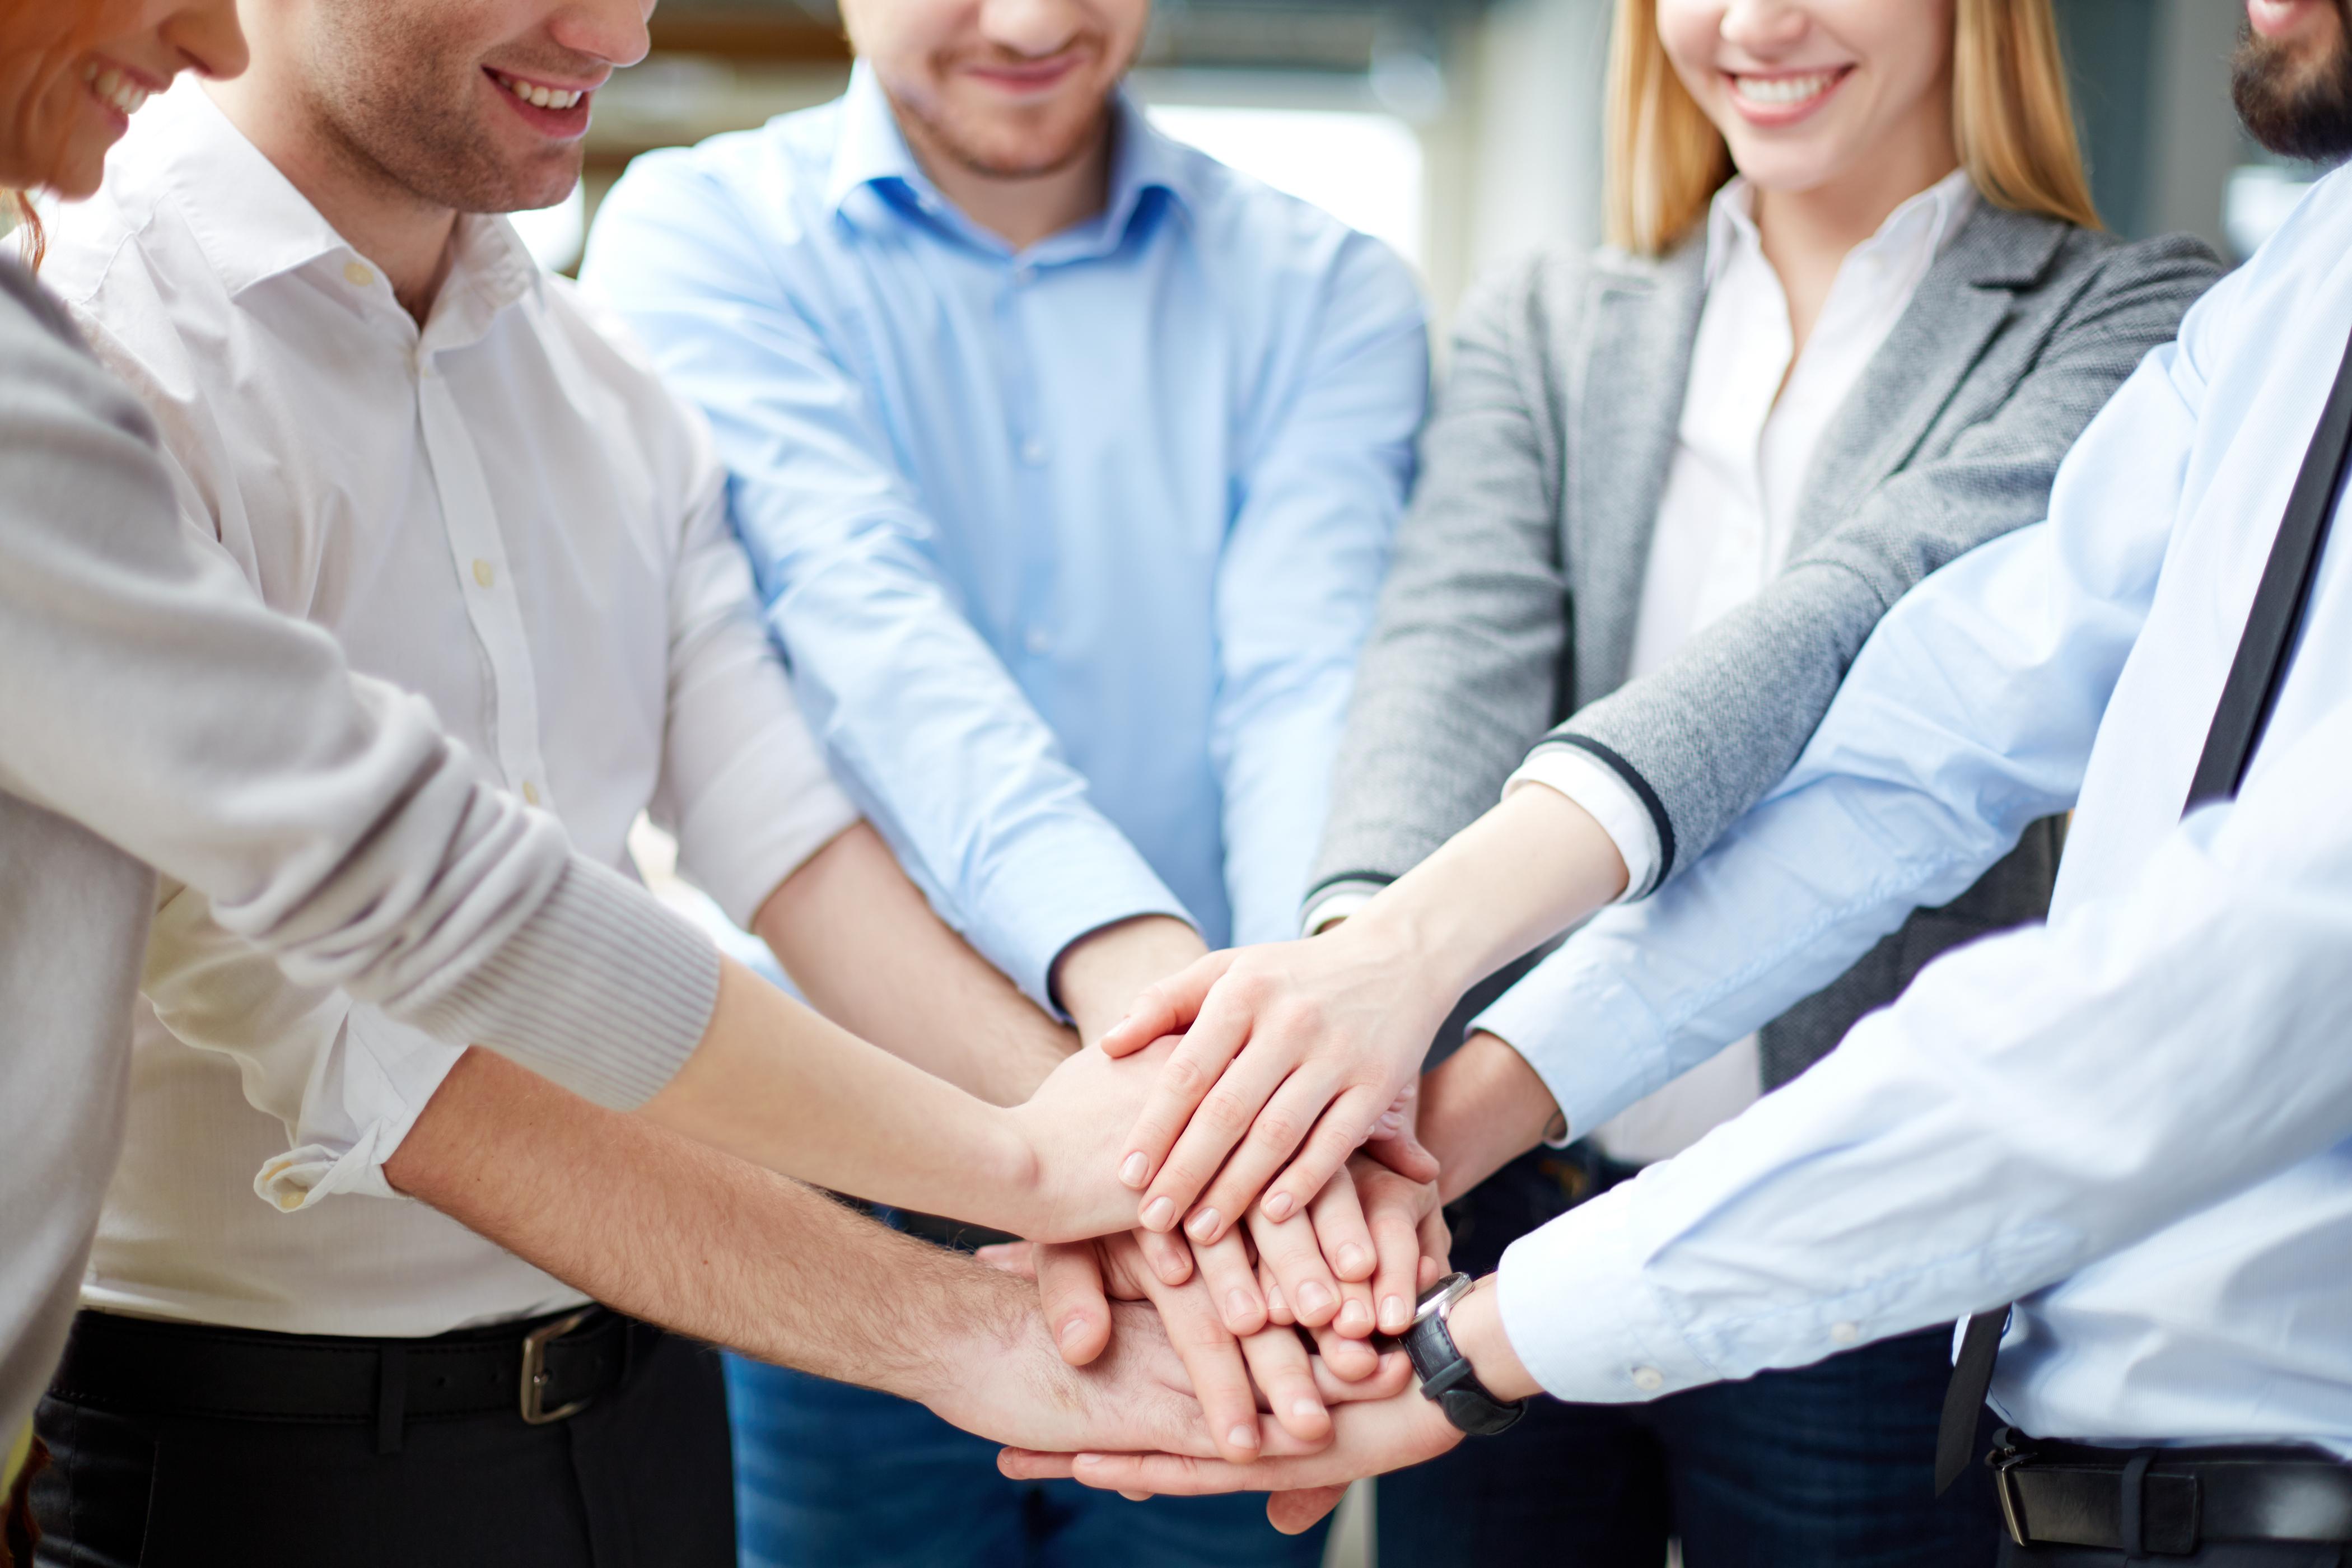 conseils conseils 7 Conseils pour devenir Libre Financièrement et Exploser ses revenus ! IMG 3871 937